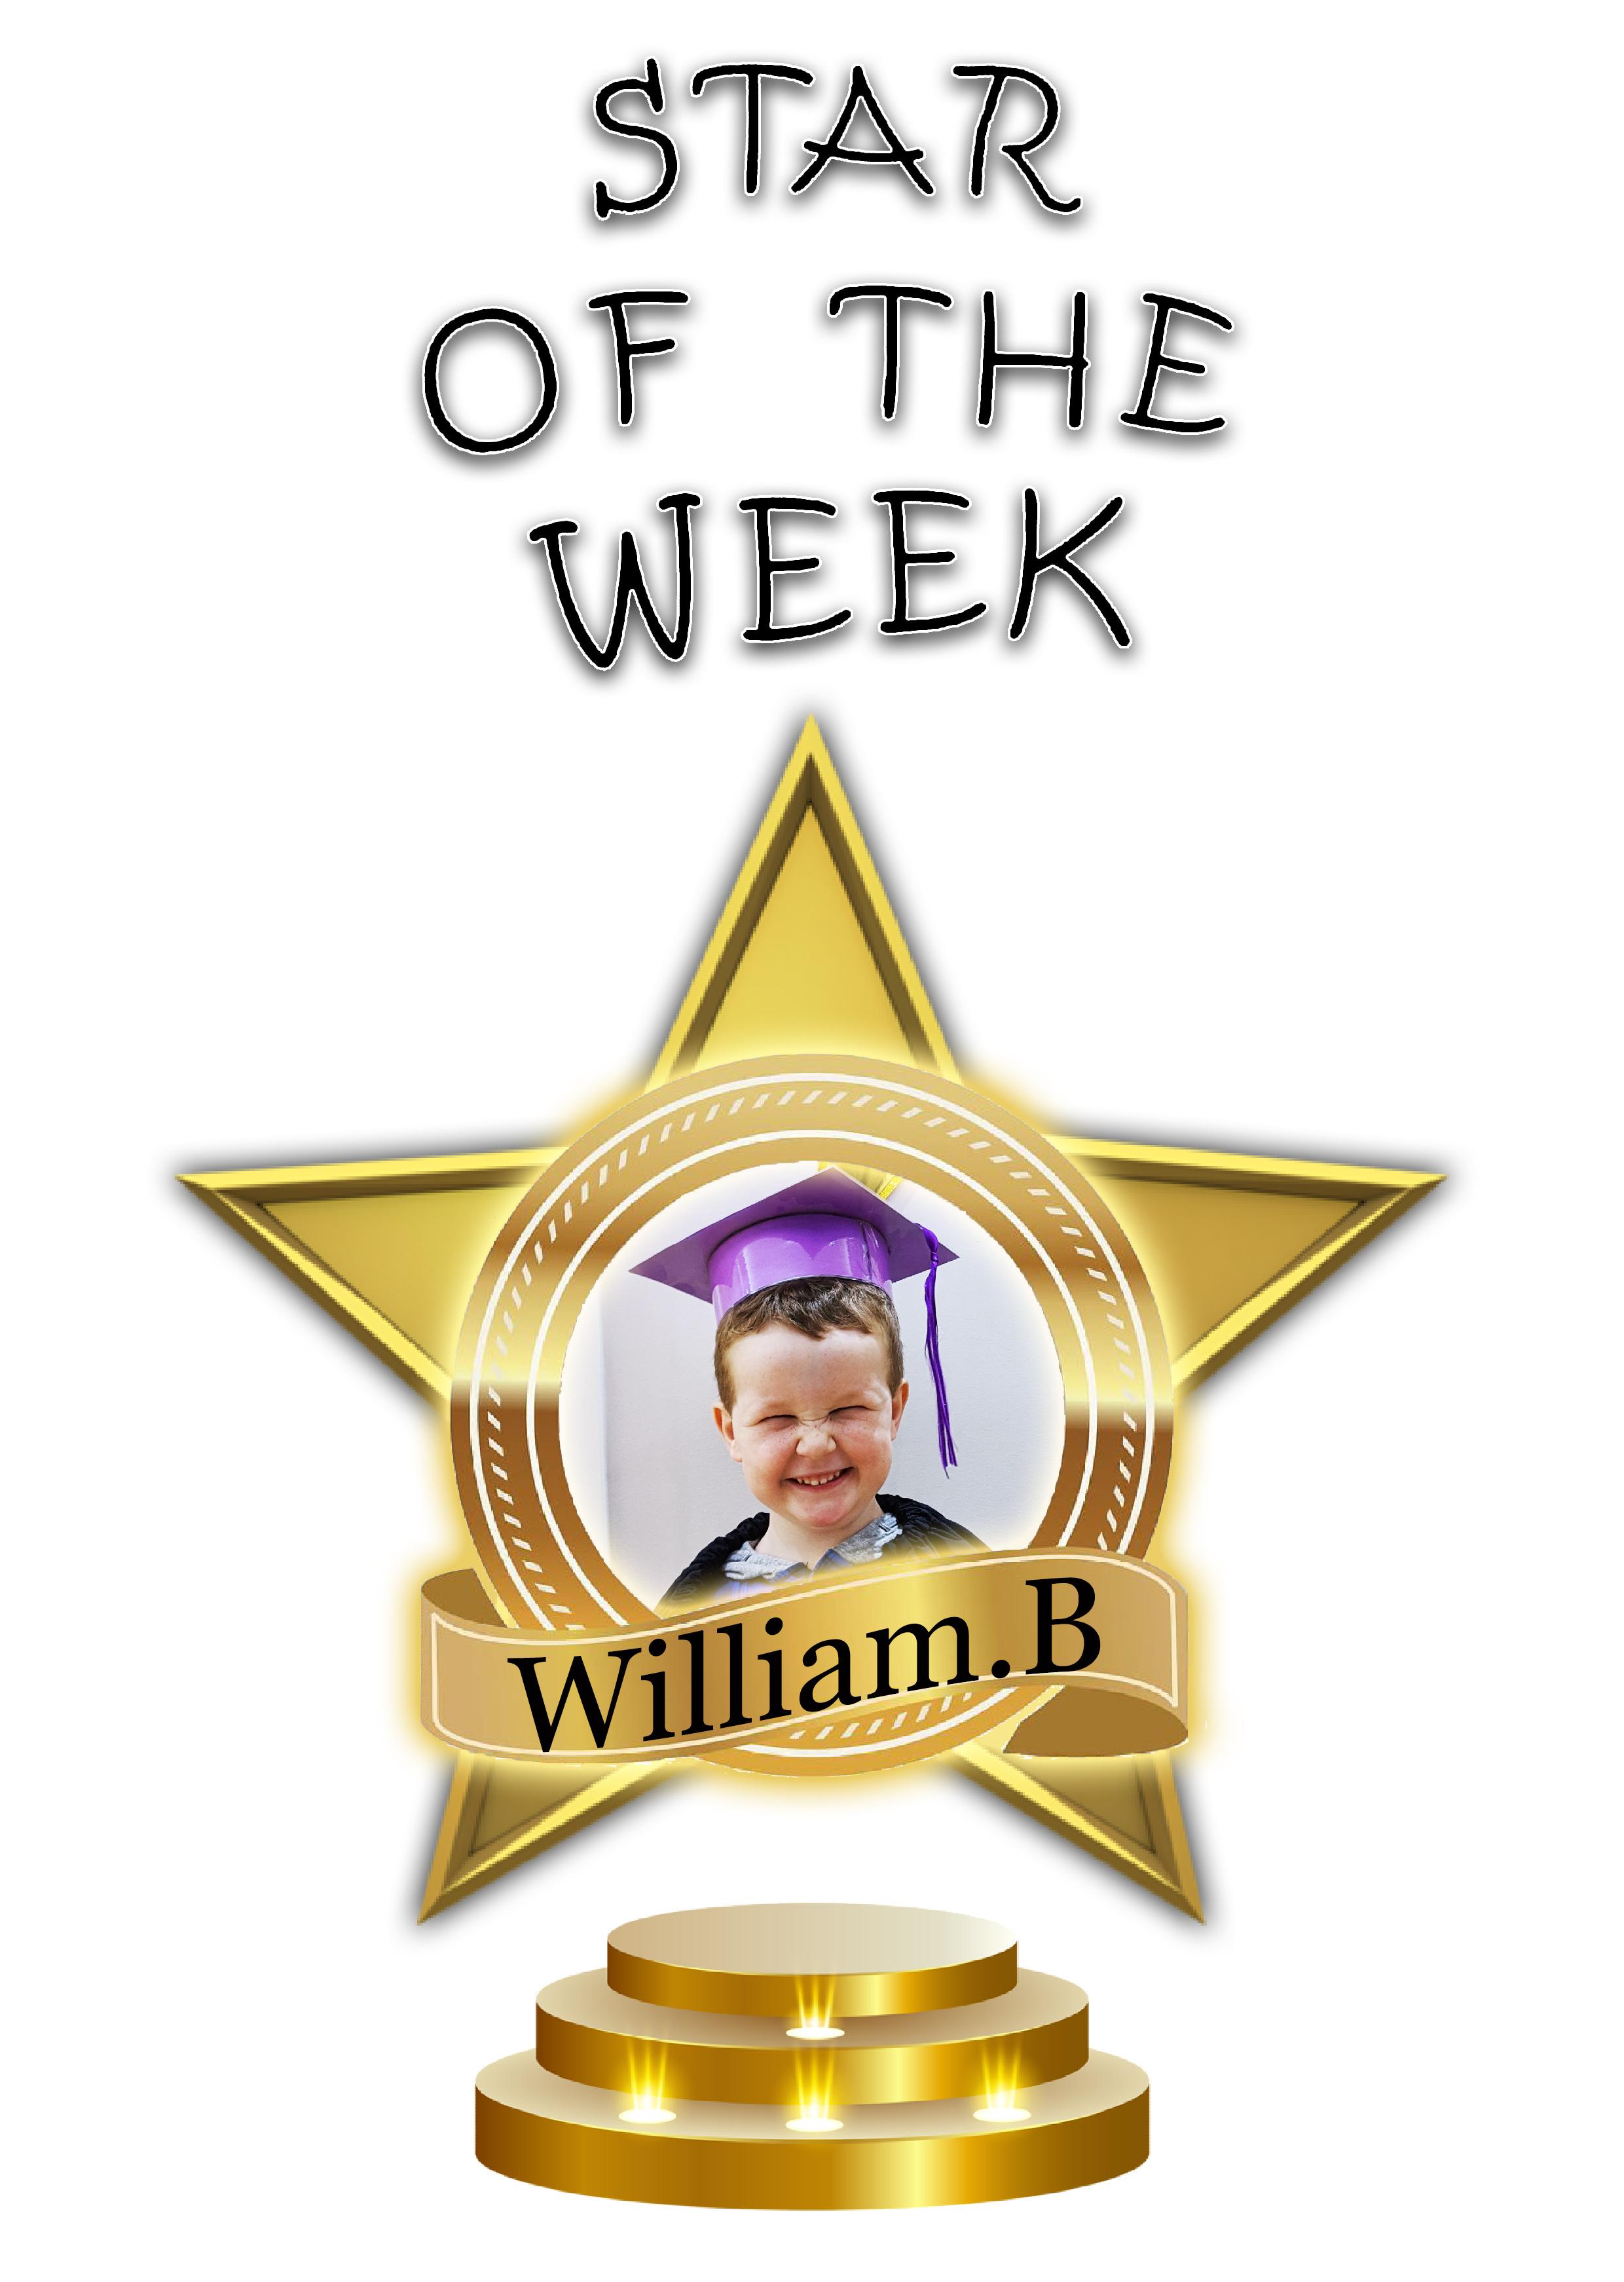 William.B